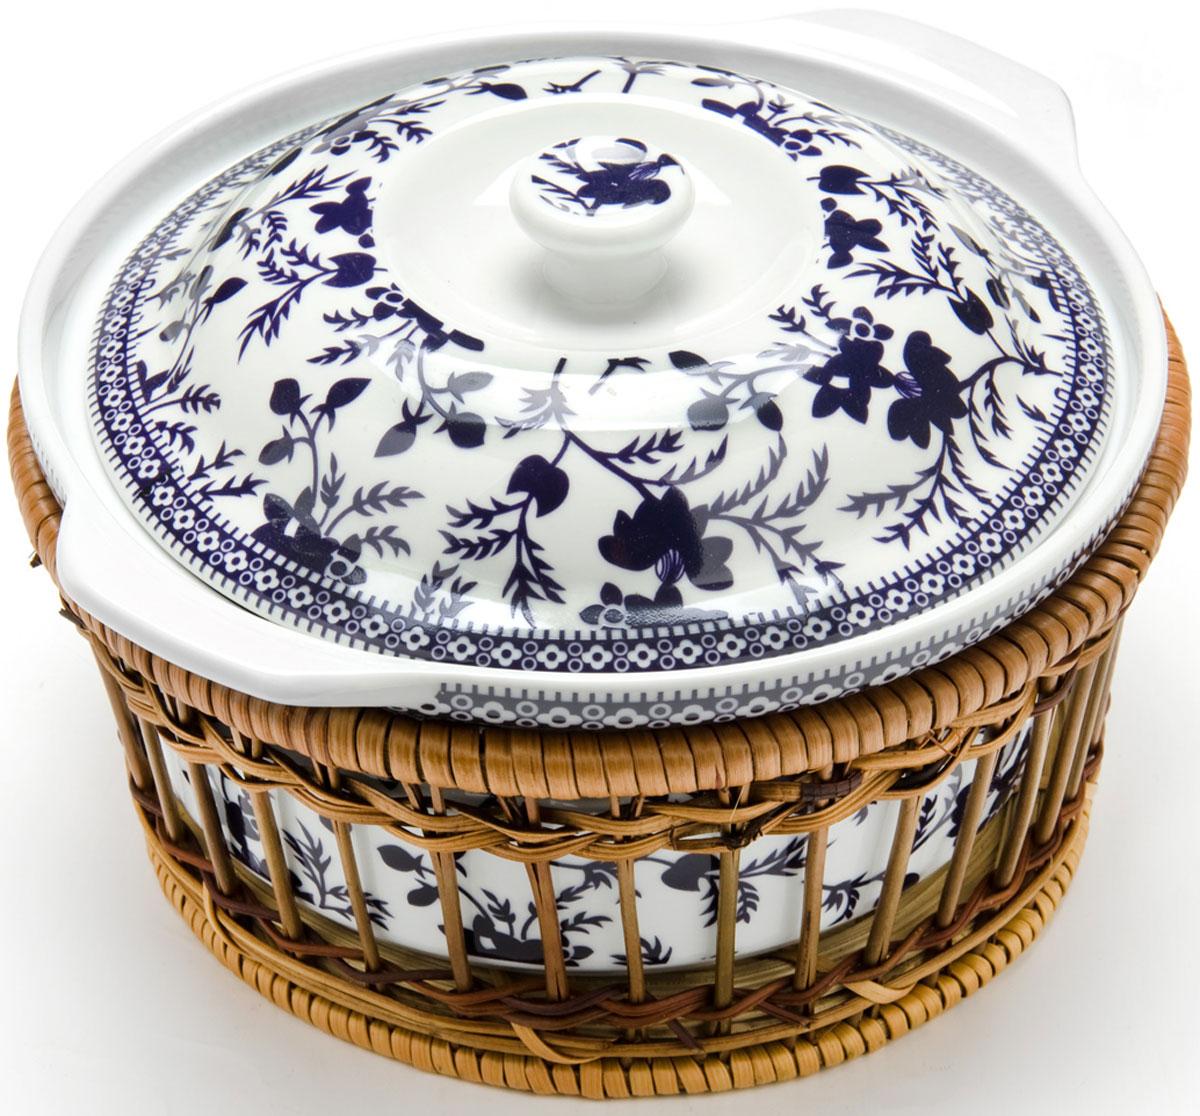 Кастрюля Mayer & Boch, 2,5 л. 24794 посуда для микроволновой печи ruges кастрюля для микроволновки лок